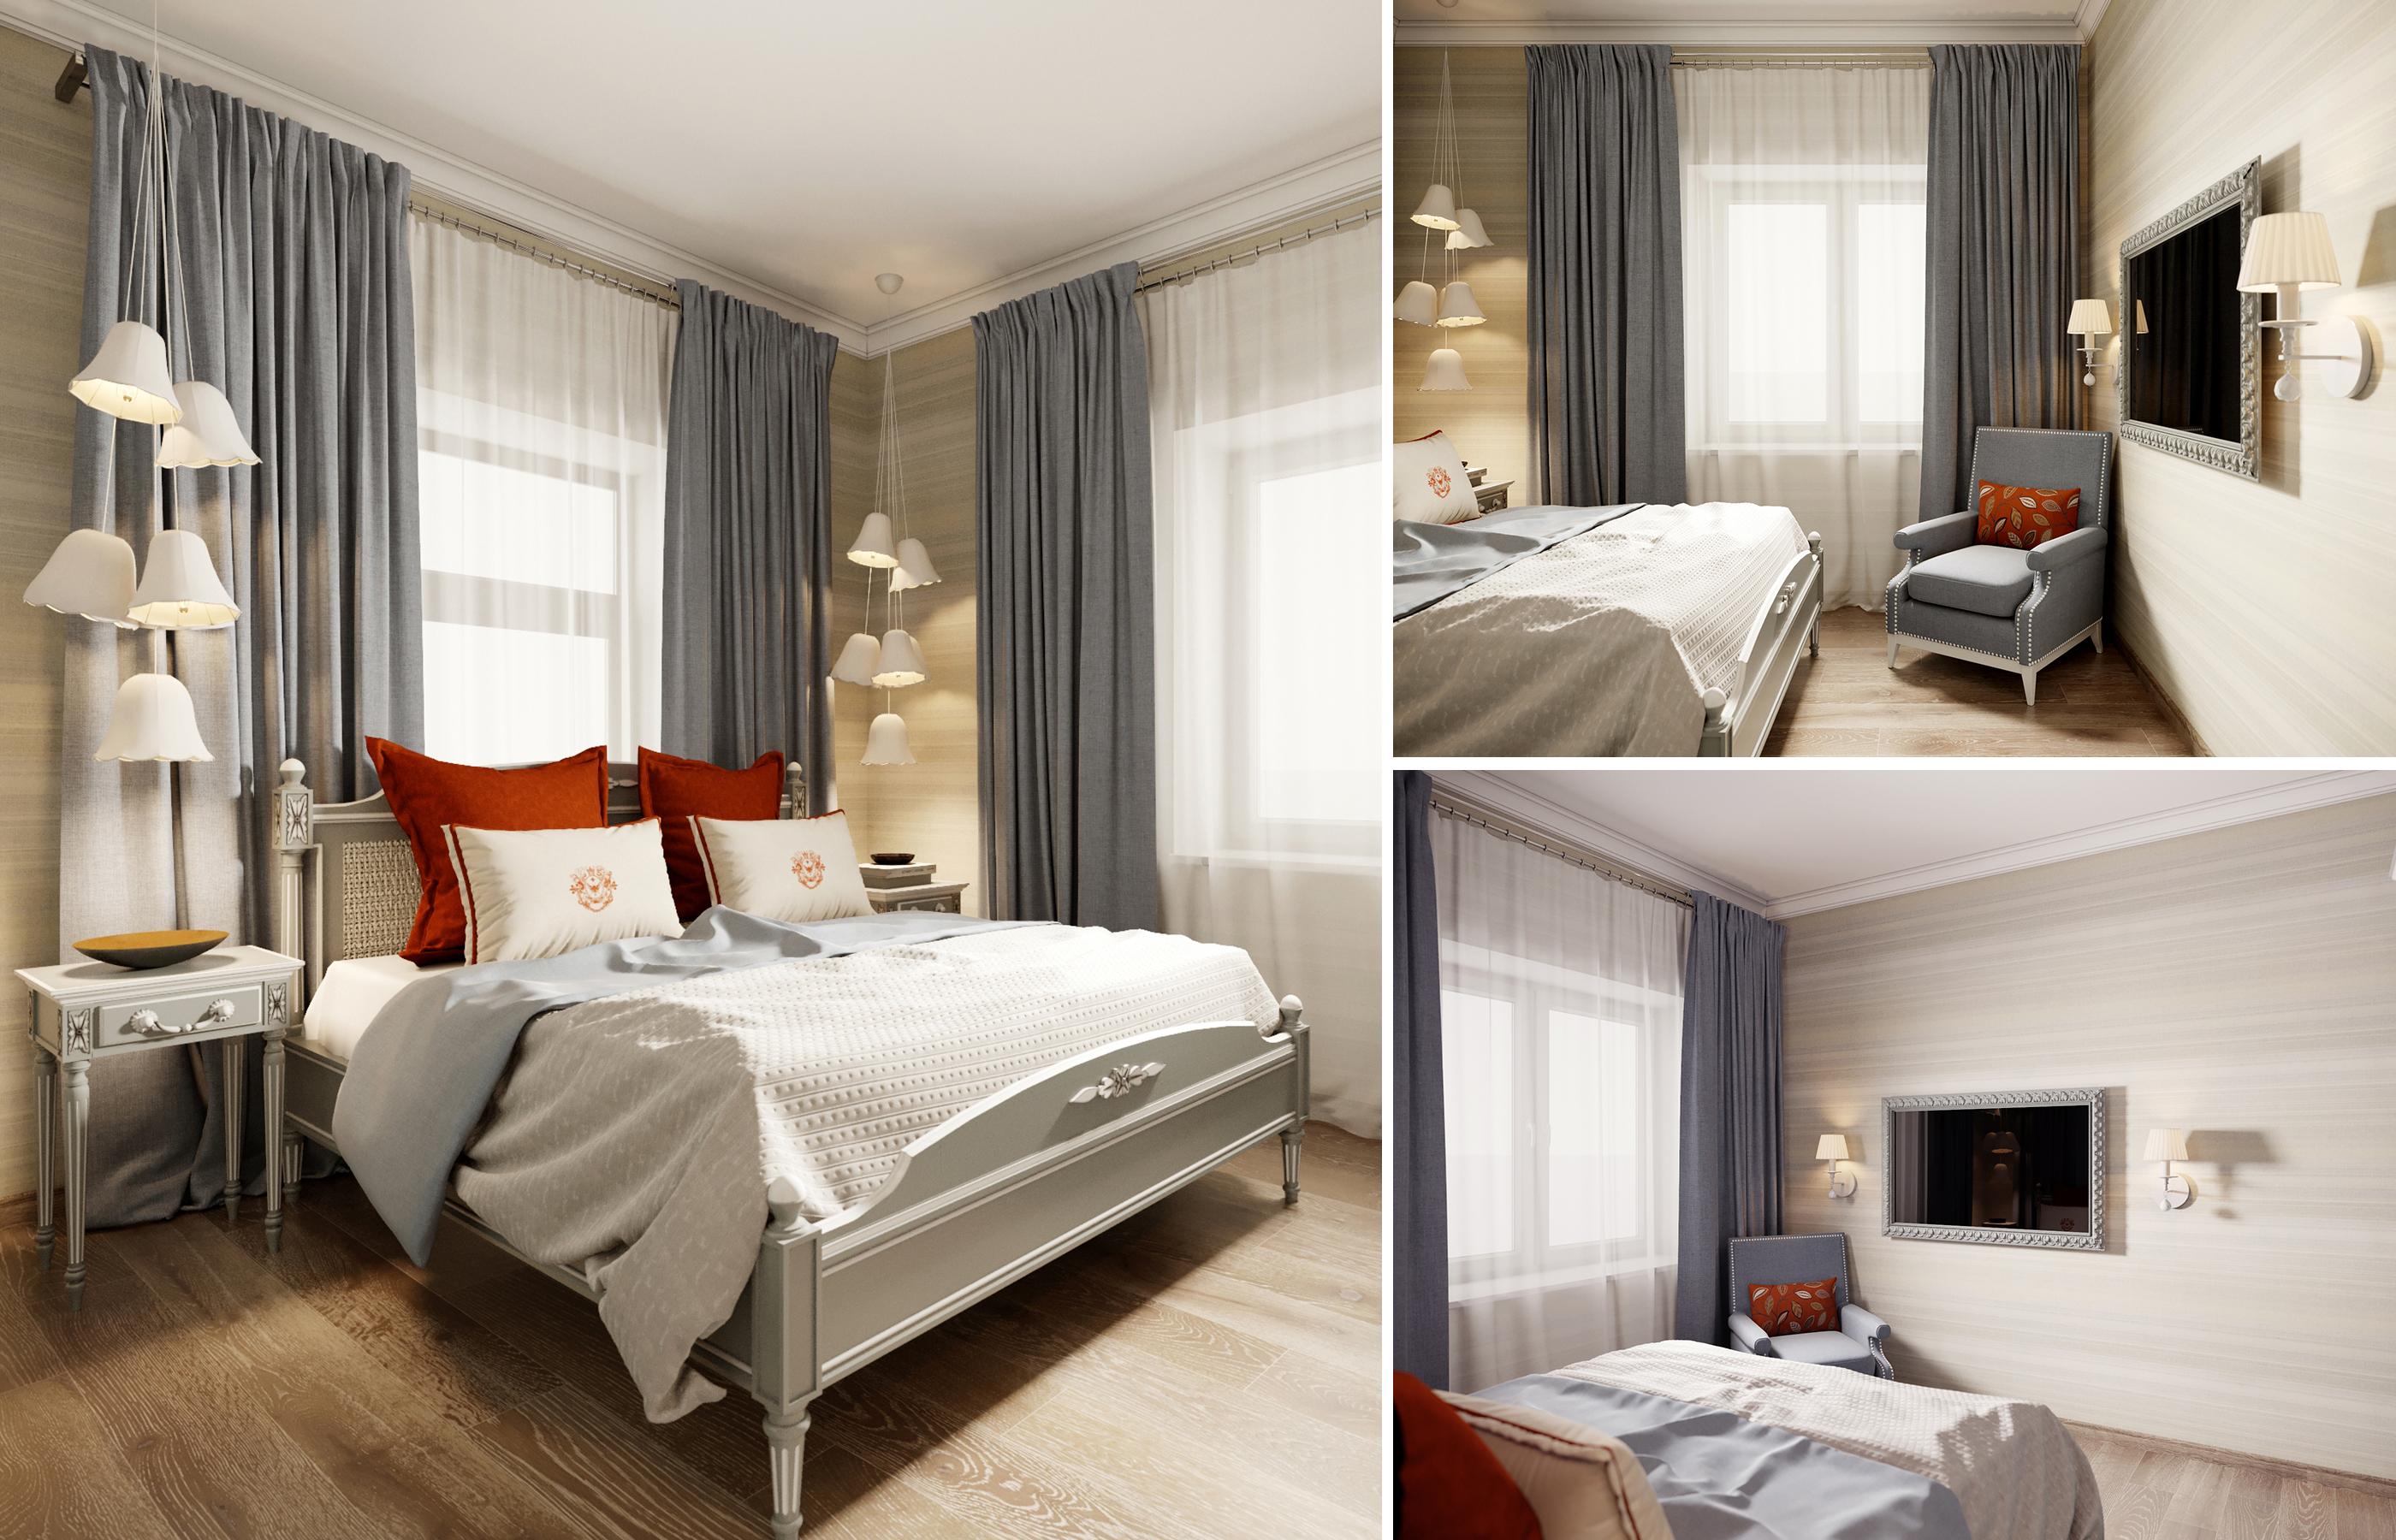 Интерьер спальни в сдержано-спокойной цветовой гамме с сочными акцентами